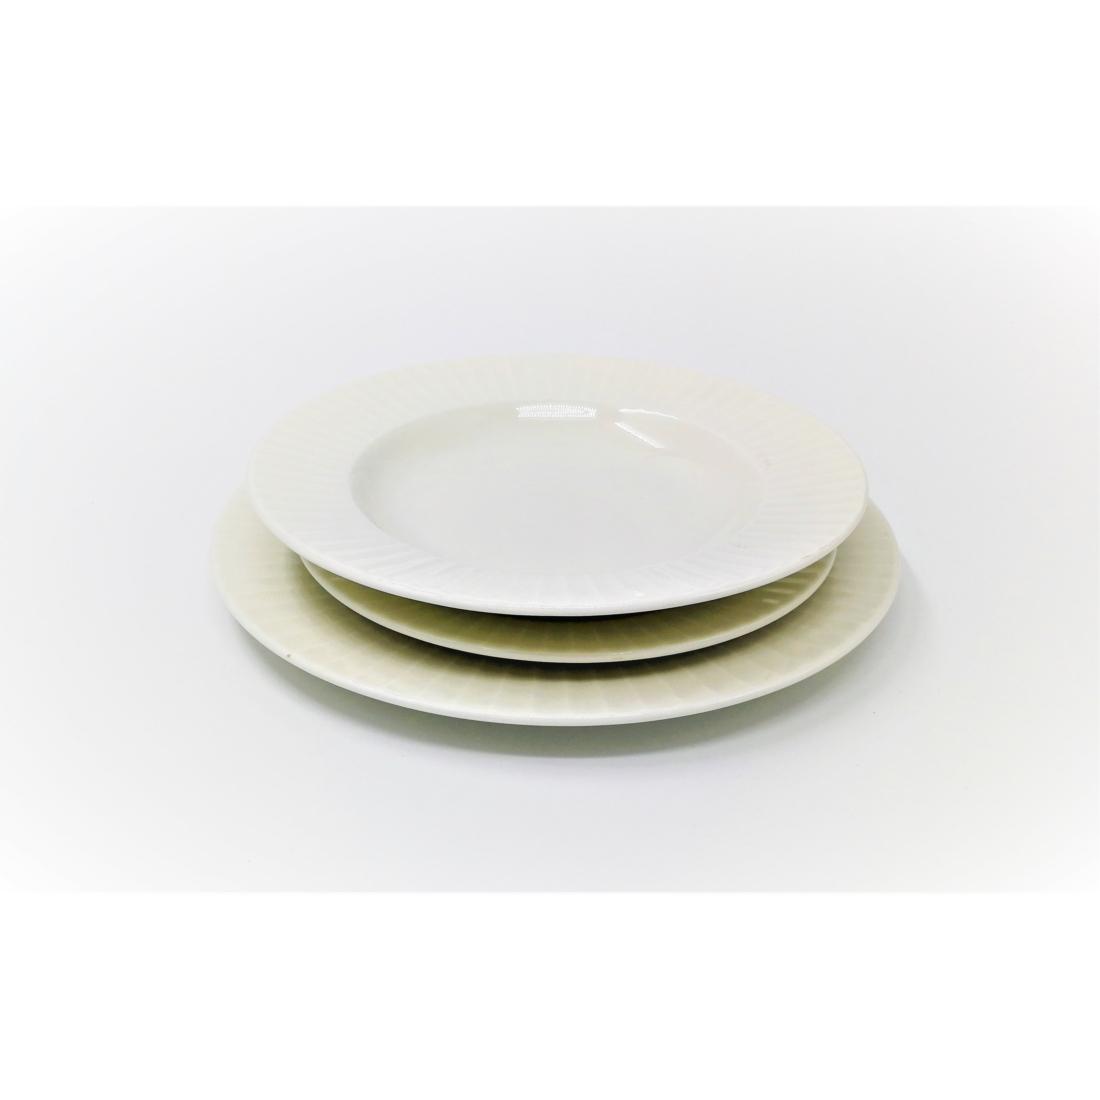 RAK Porcelán Metropolis tányérkészlet 6 személyes